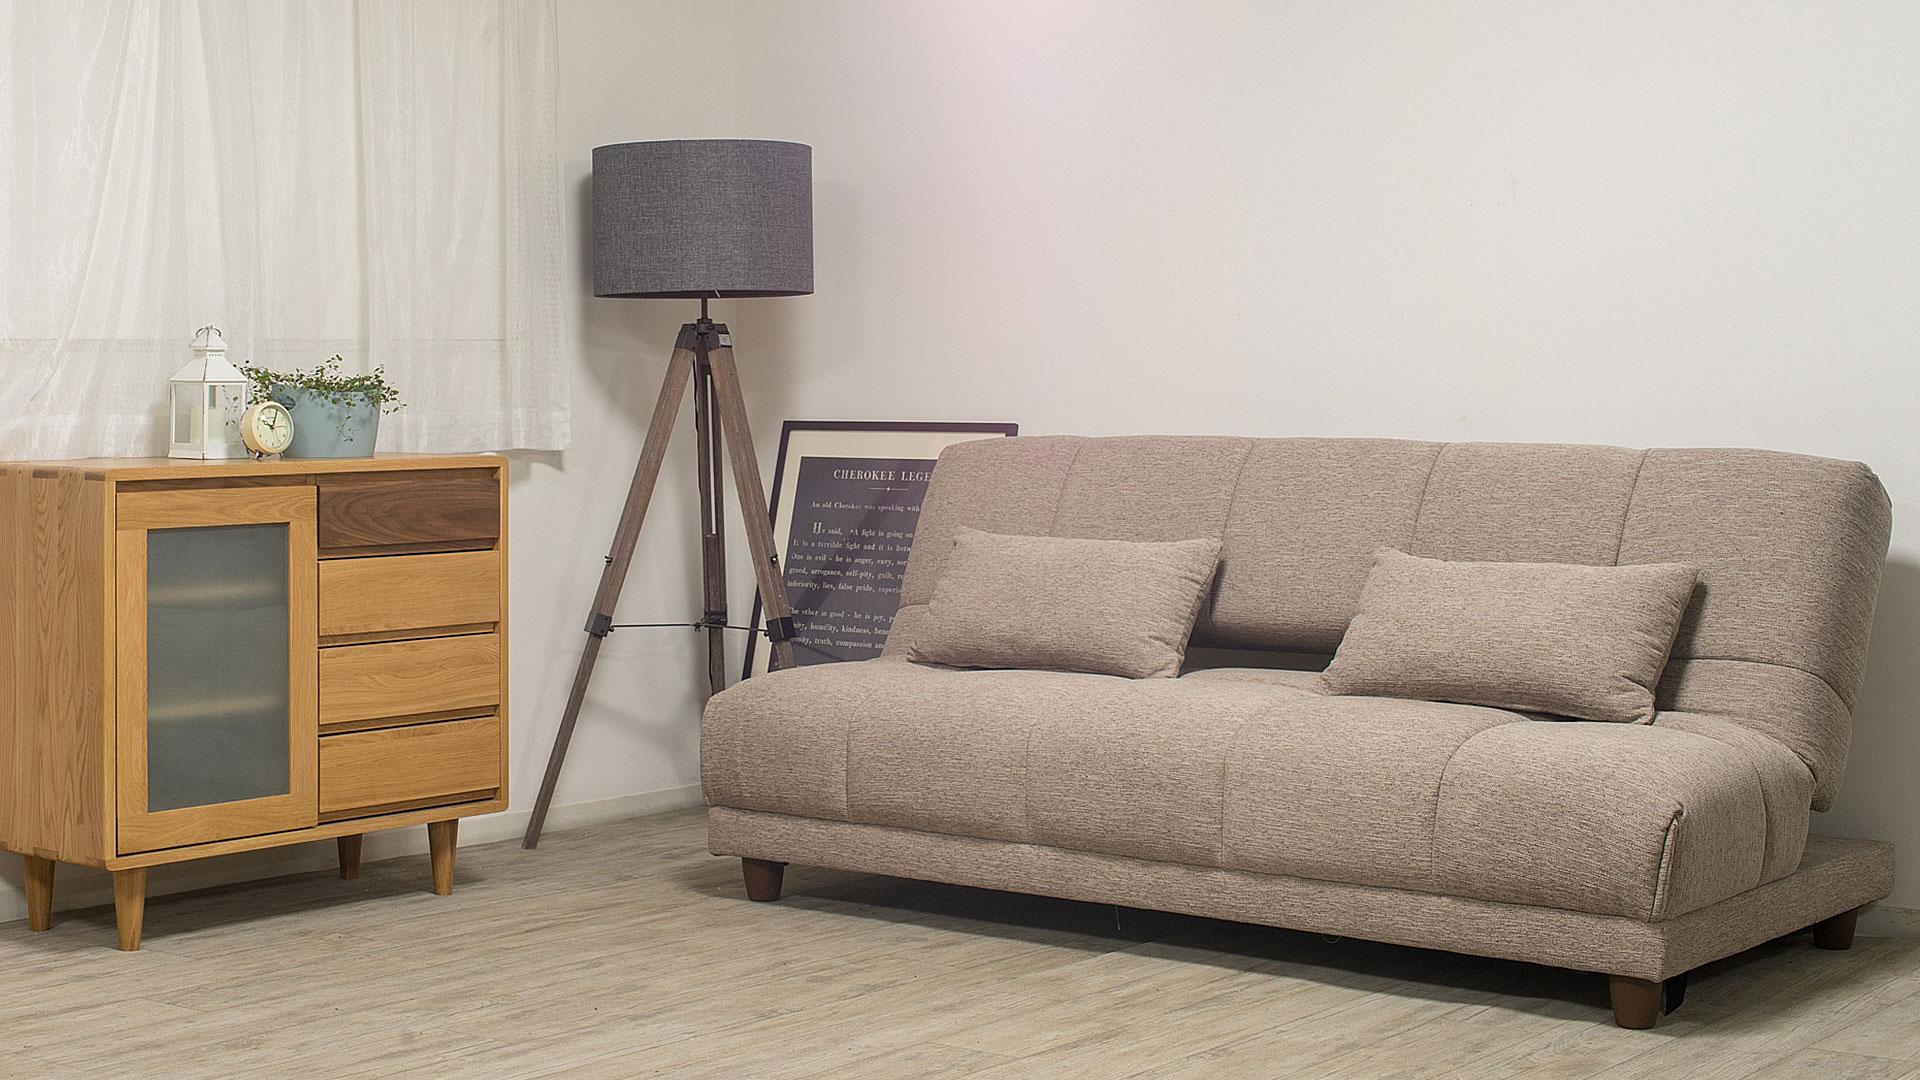 リビンズのソファーベッド「シャロン」のソファの時の画像